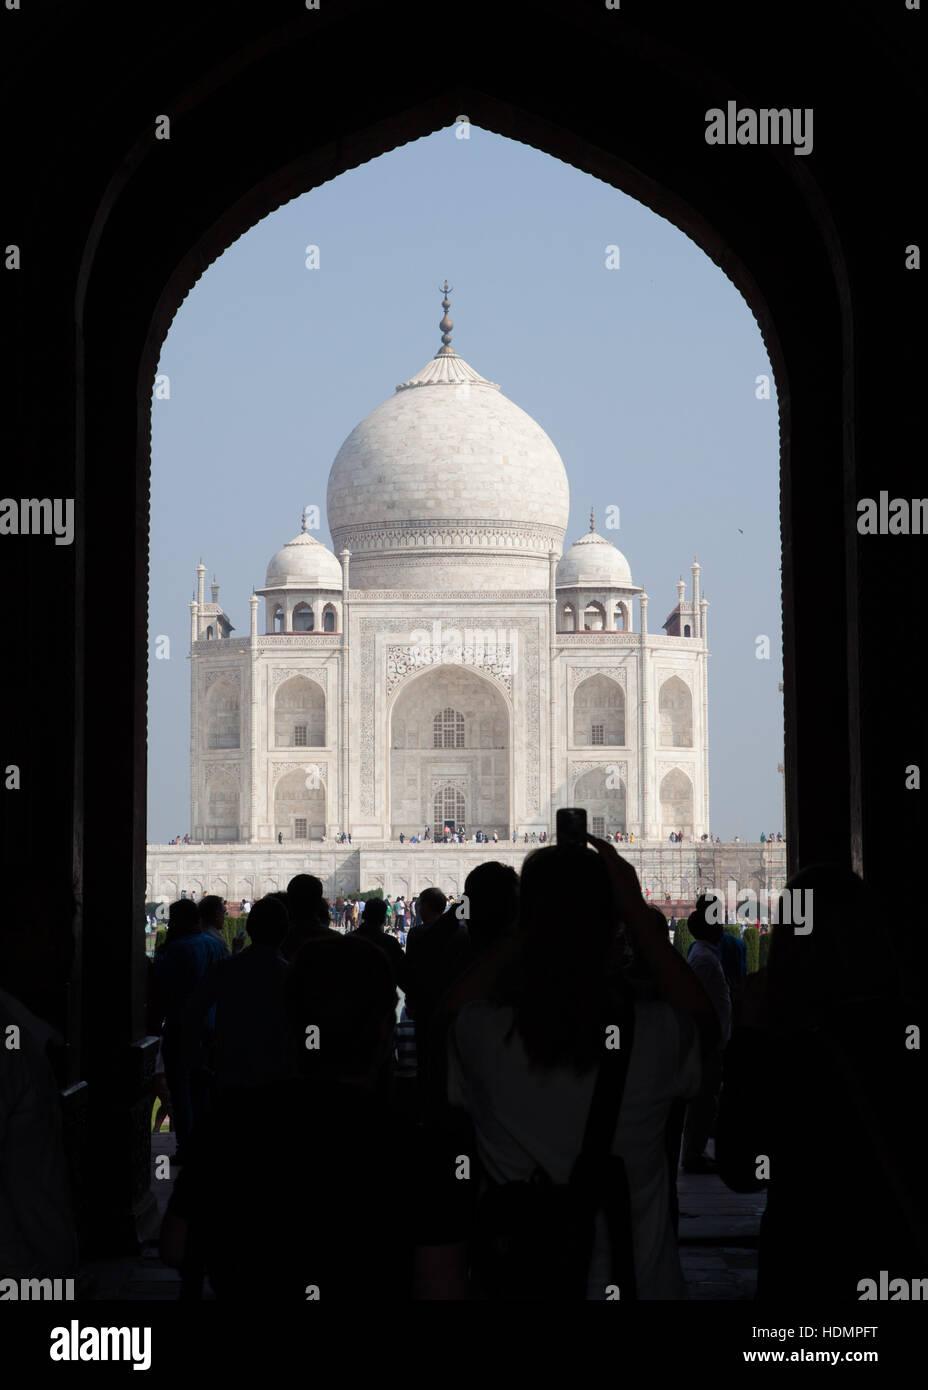 Il Taj Mahal mausoleo,vista attraverso il cancello di ingresso,Uttar Pradesh, India Immagini Stock